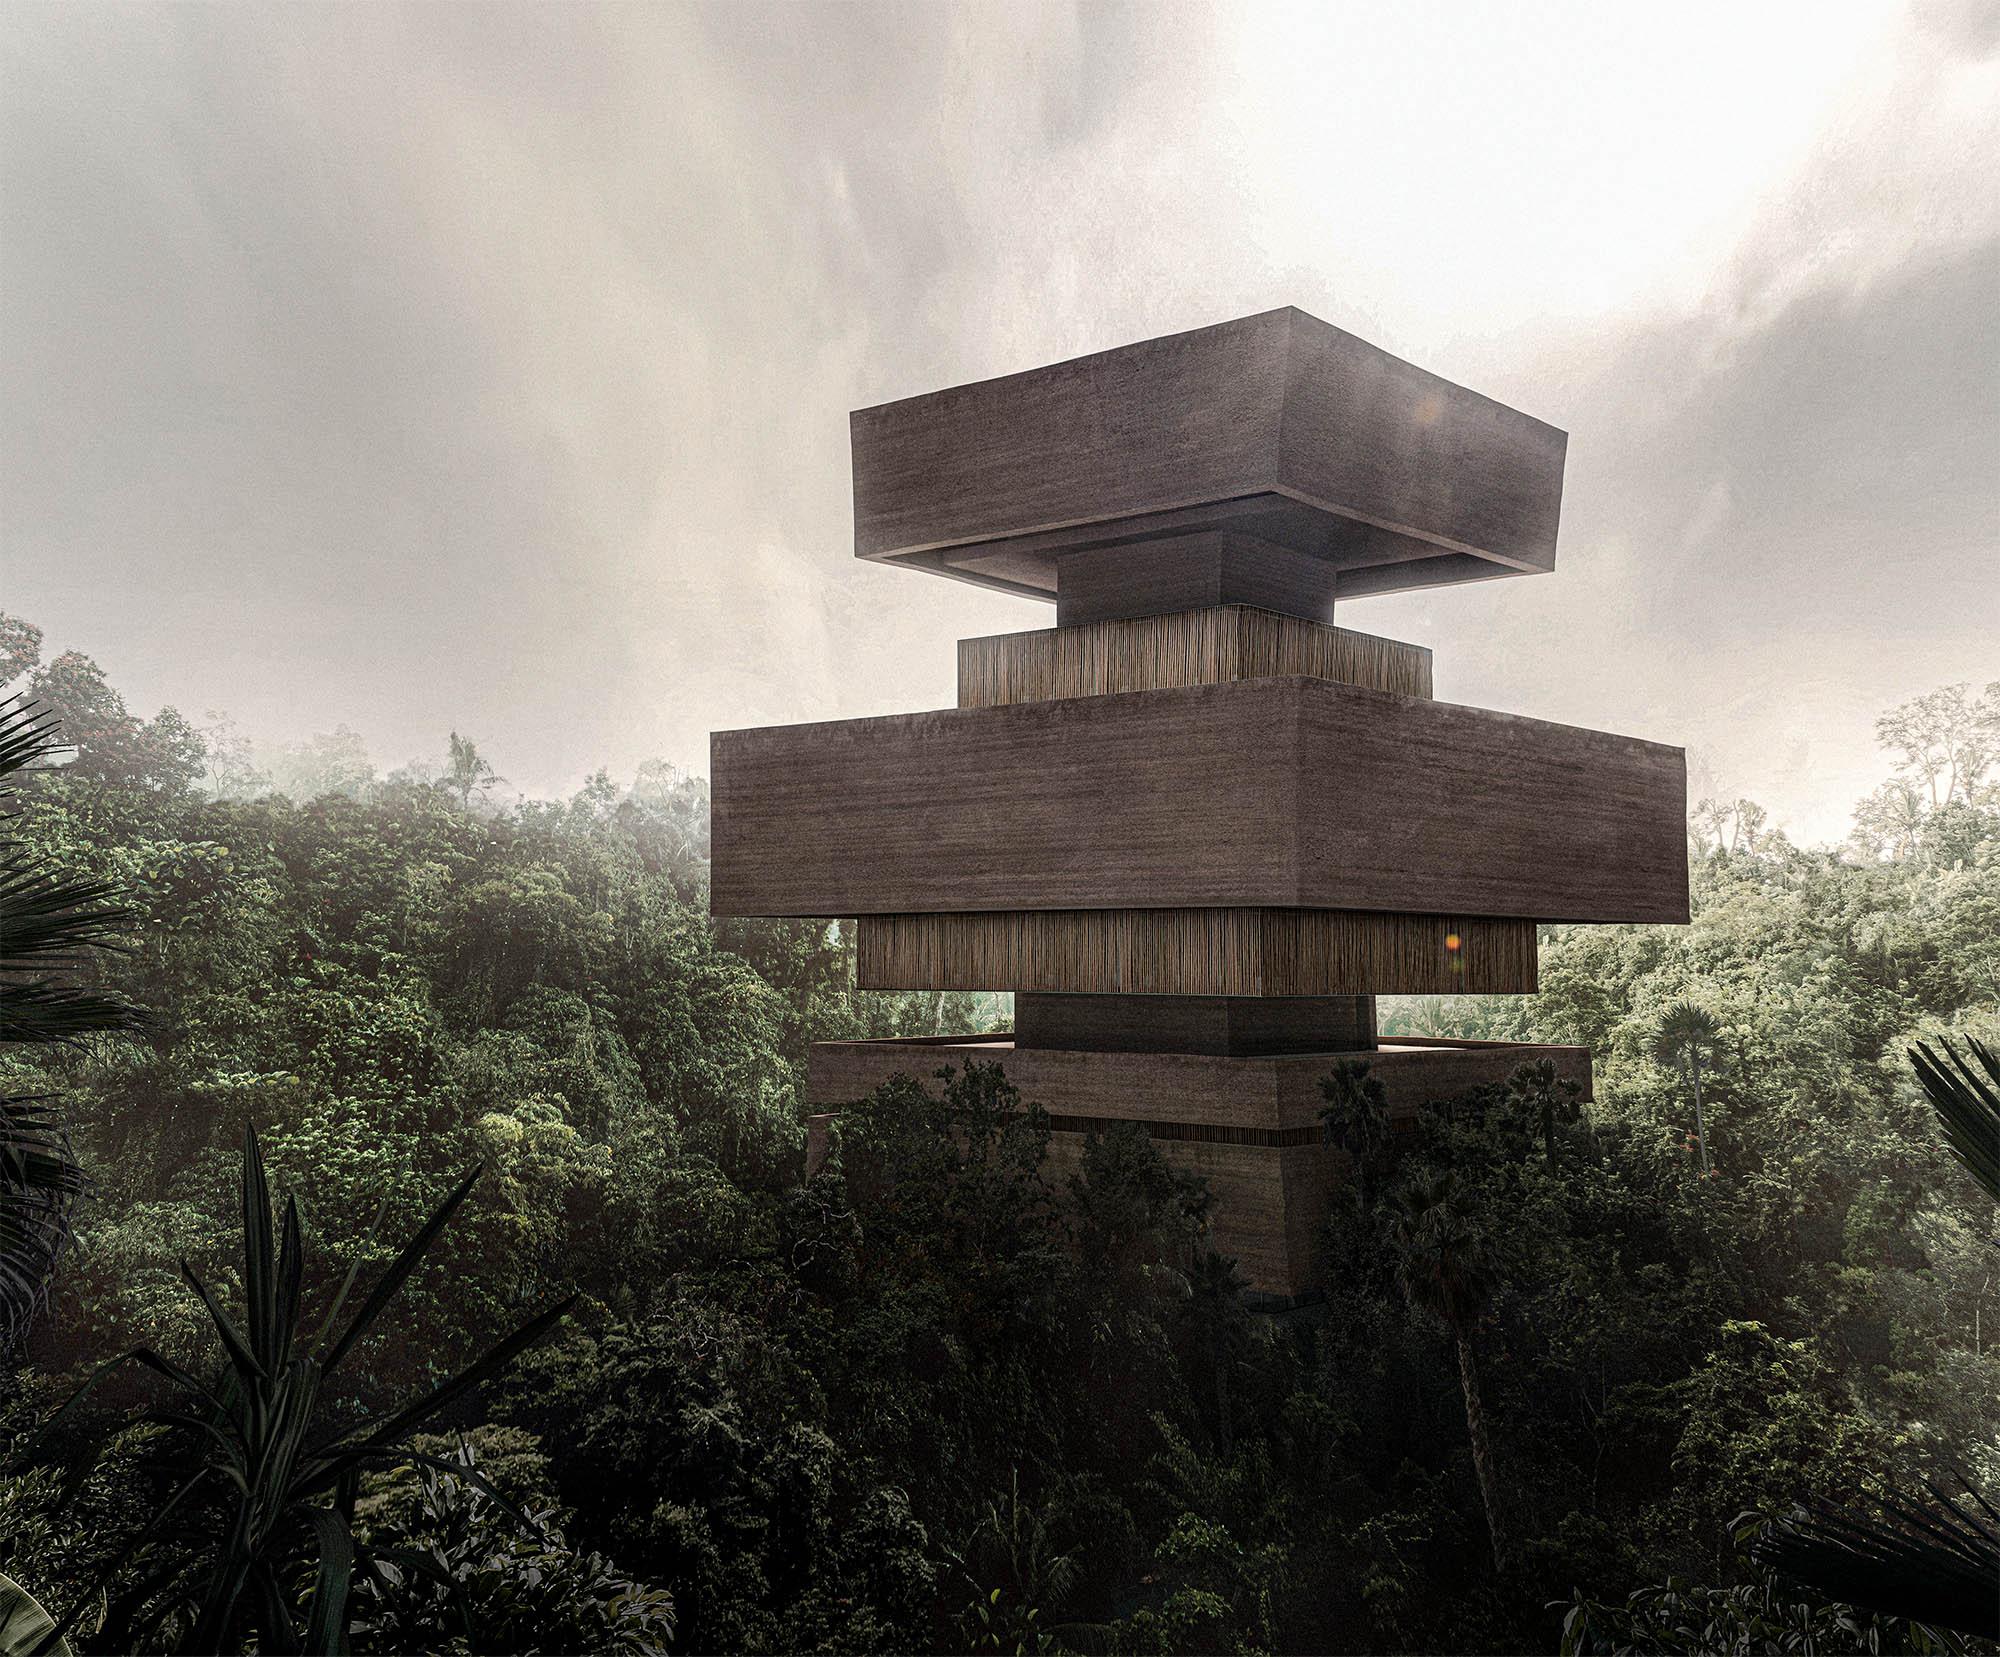 Xinatli-01-web-Arquitectura-Estudio-Juiñi-y-Sudio-Viktor-Sorless-–-Renders-bloomimages